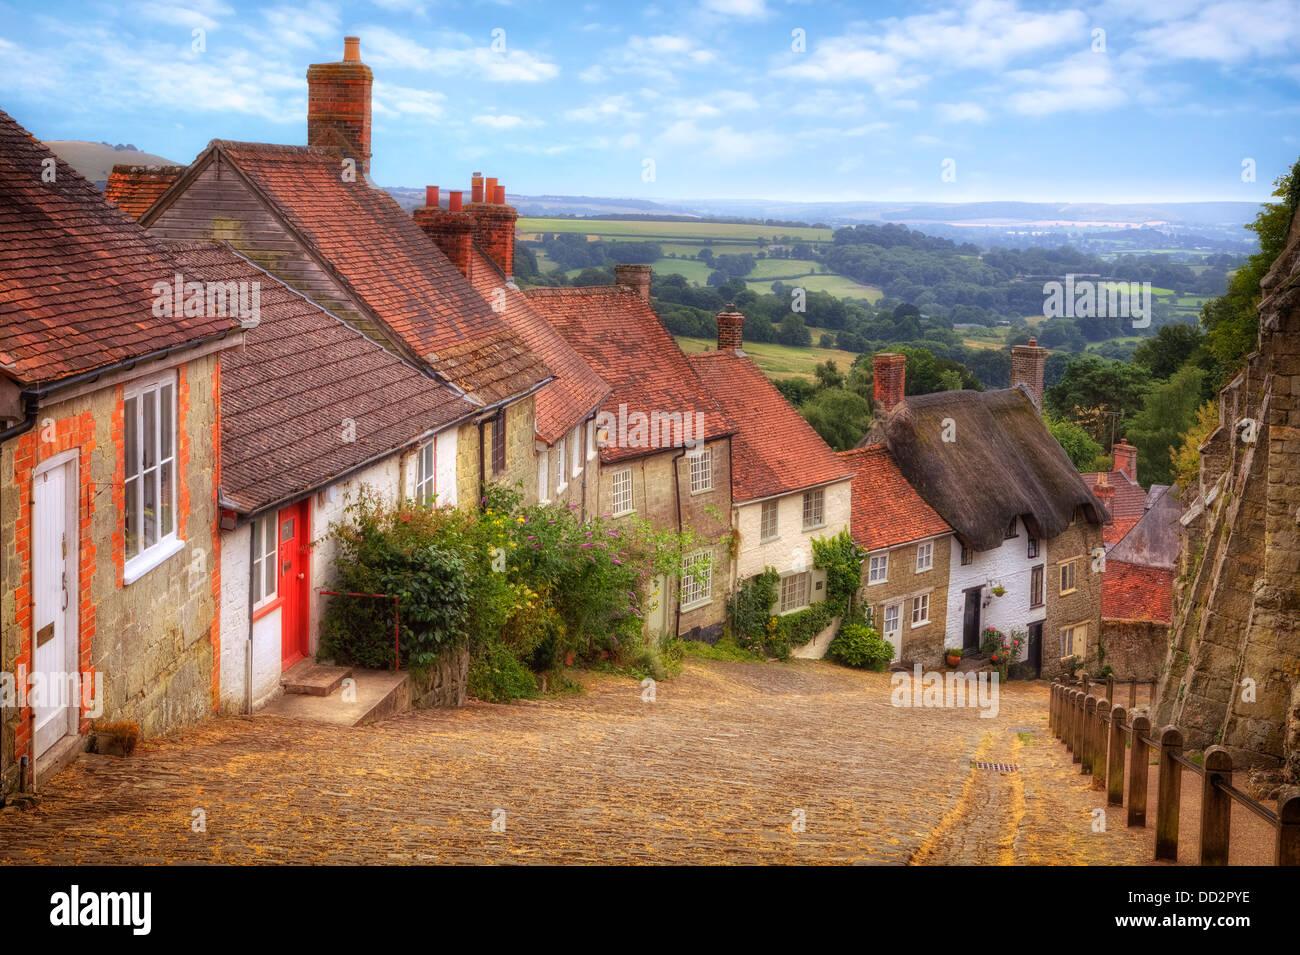 Shaftesbury, Gold Hill, Dorset, England, United Kingdom - Stock Image